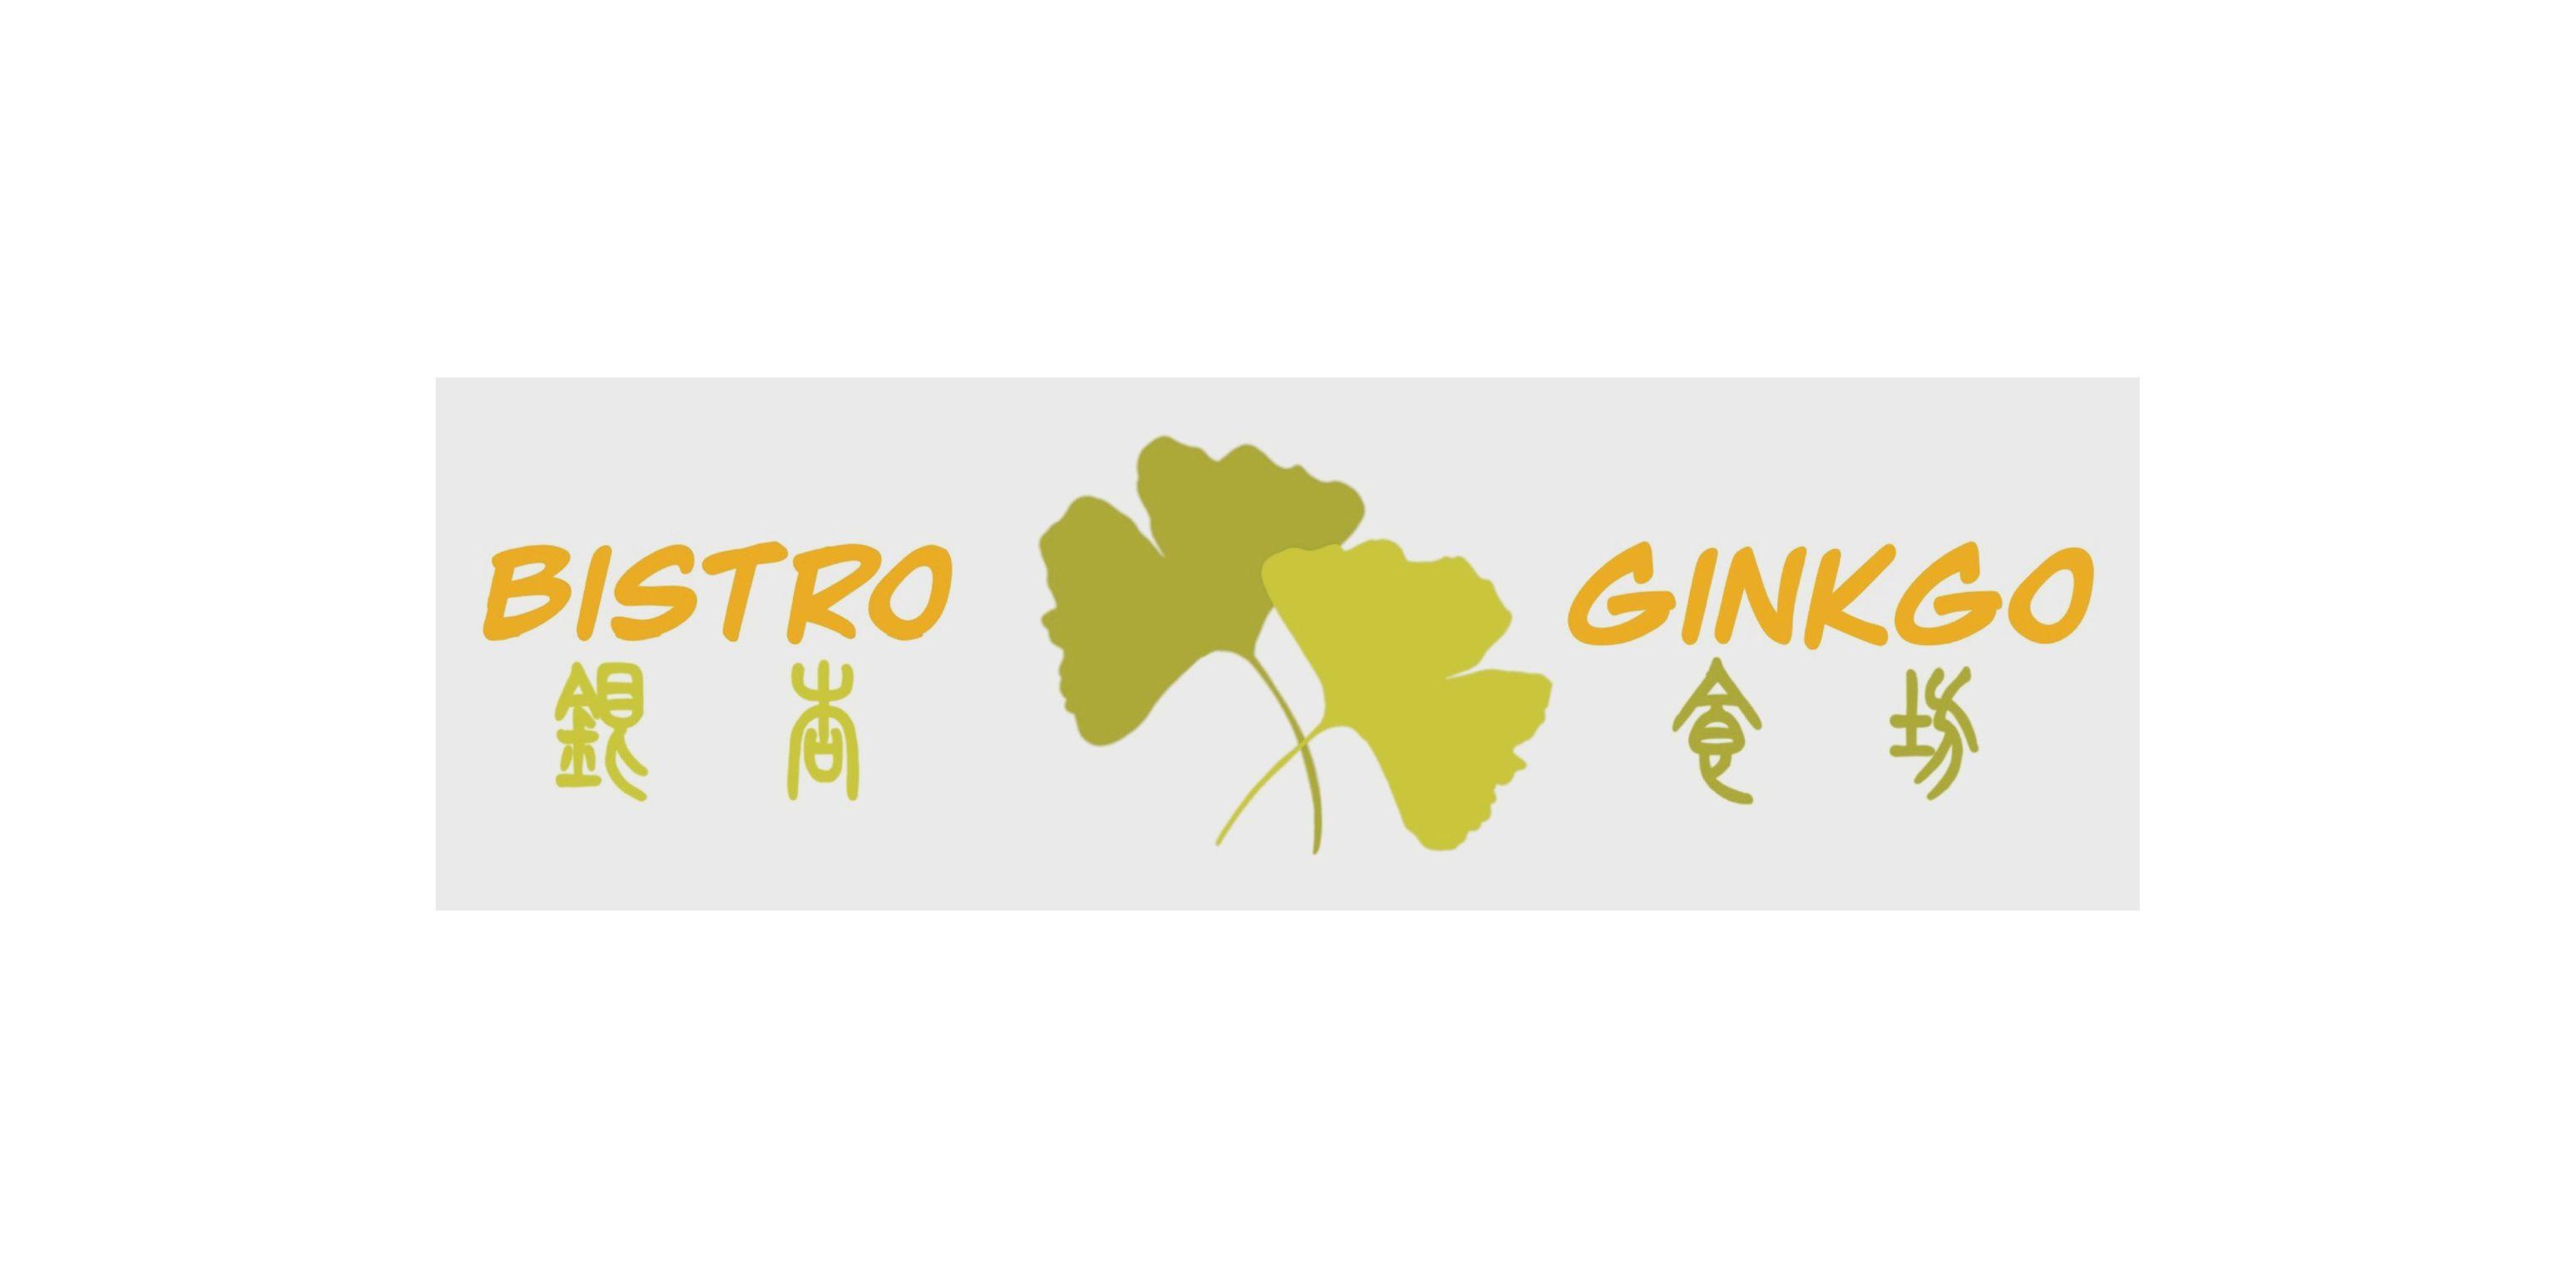 Bistro Ginkgo